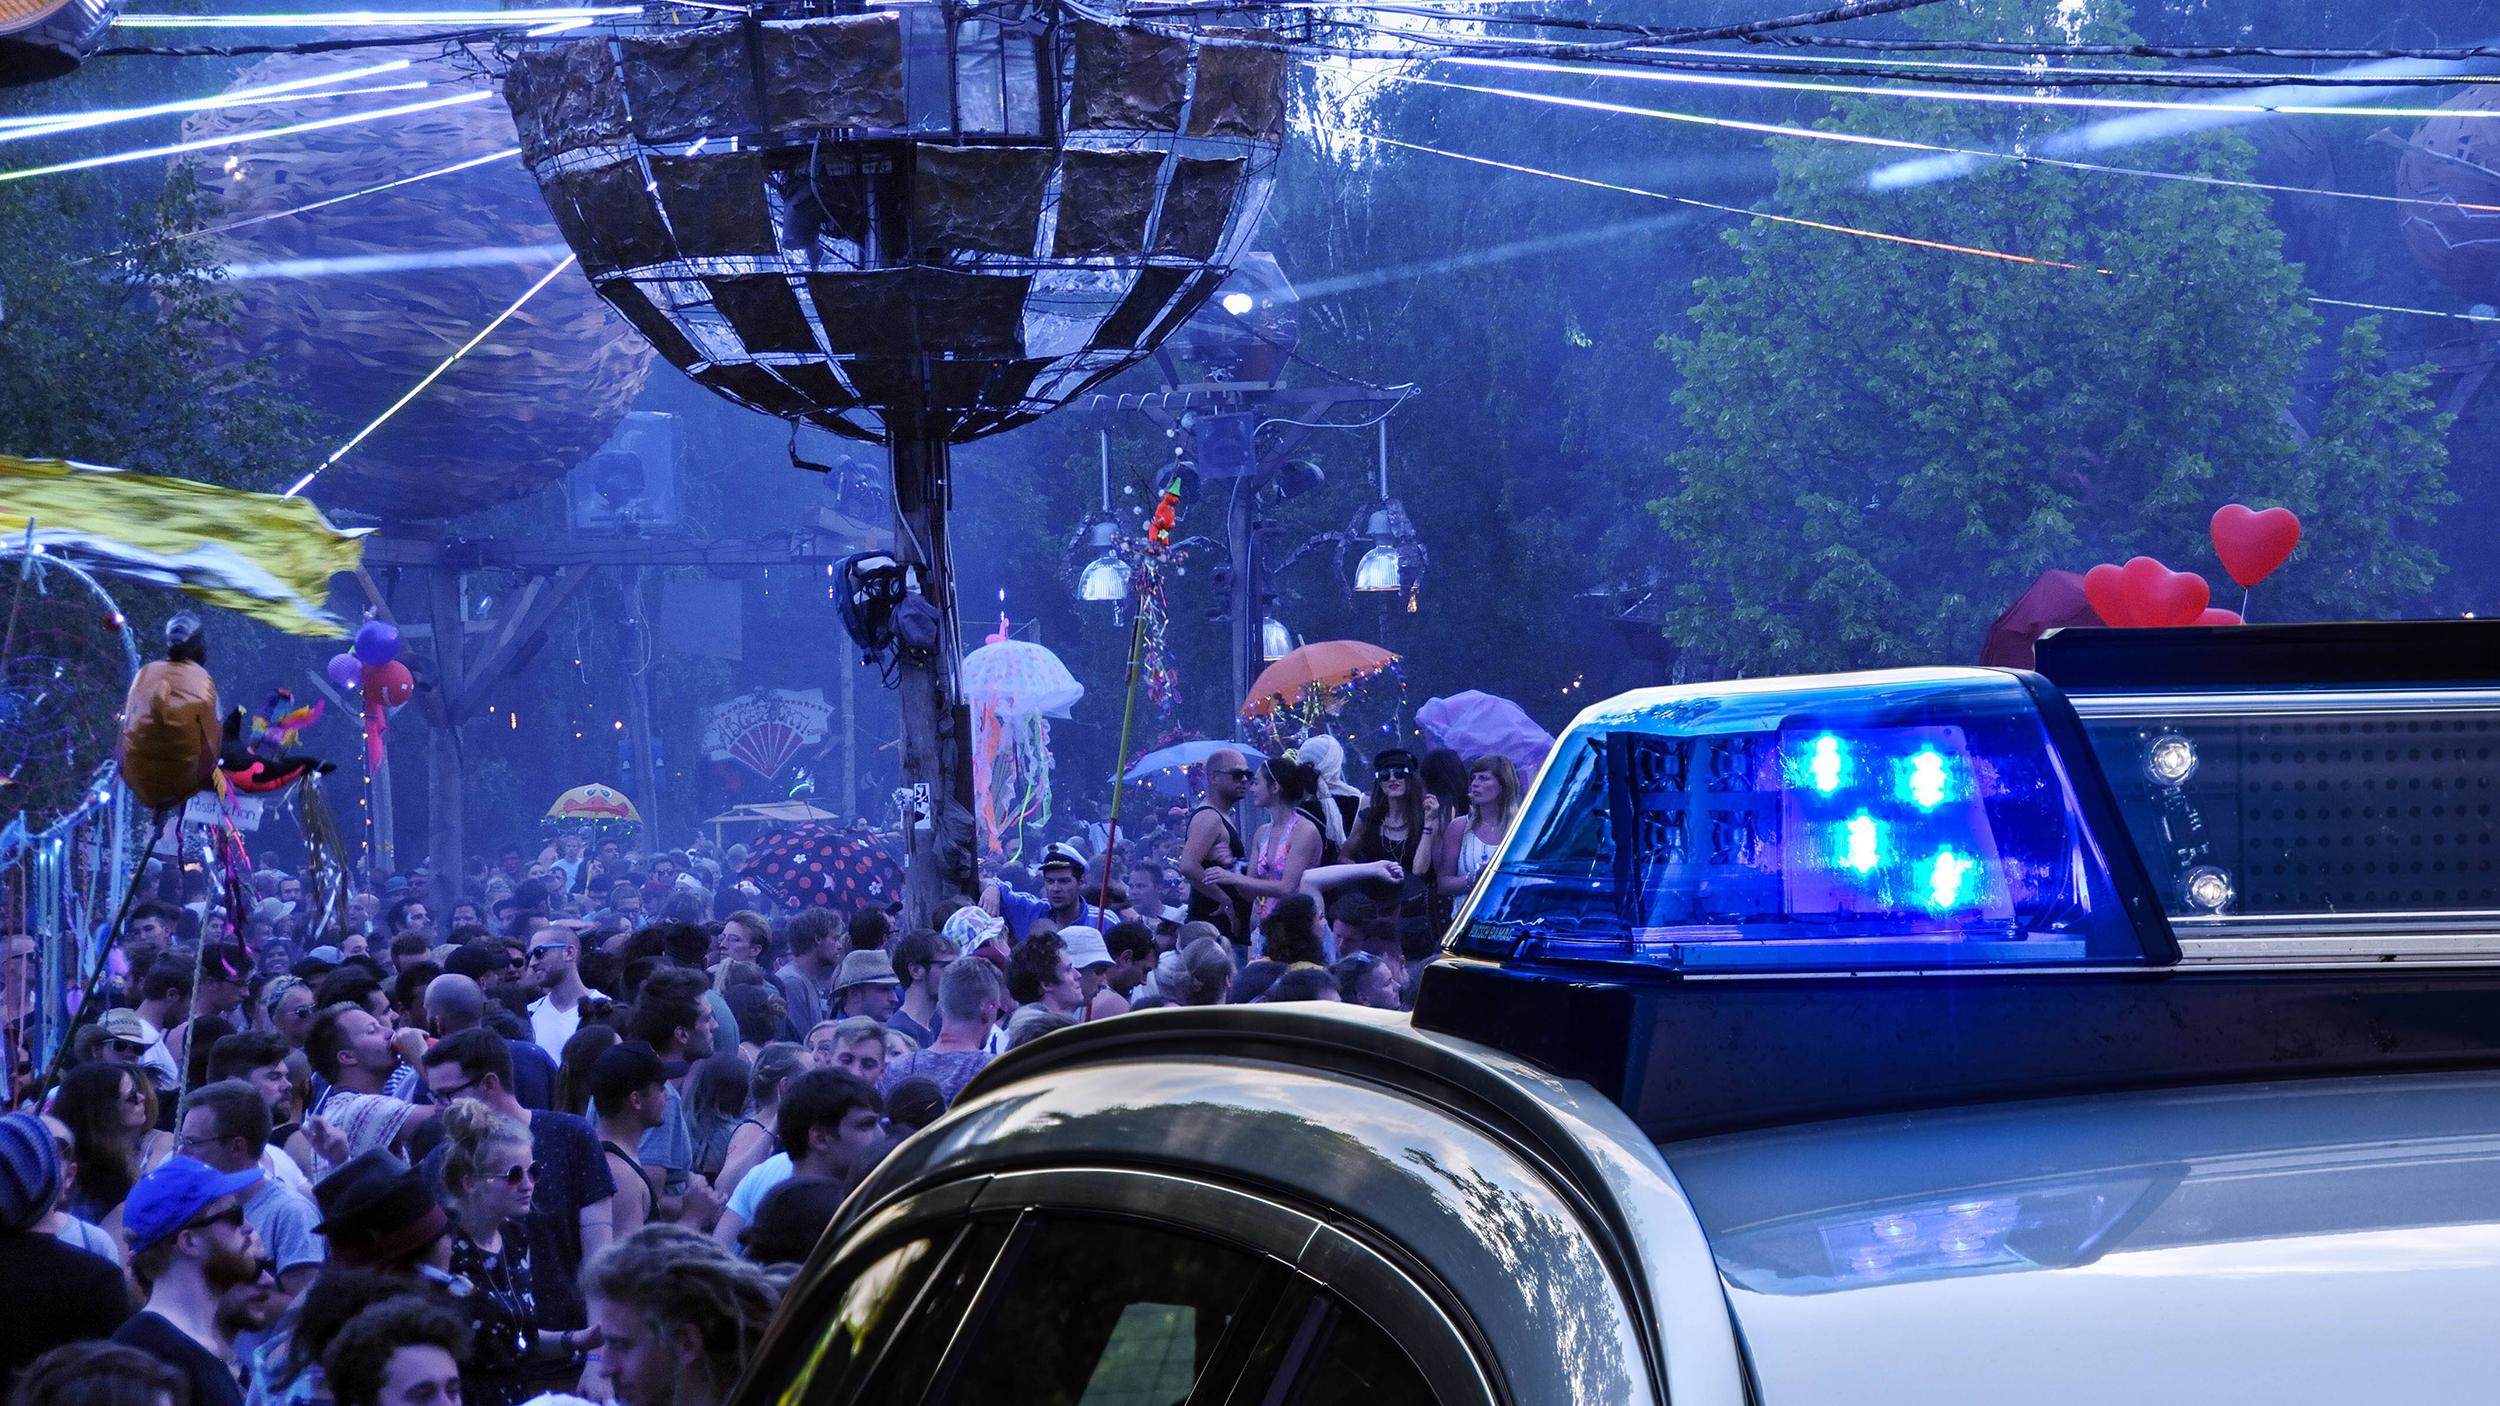 Die Polizei hat einen Großeinsatz beim Fusion-Festival vorbereitet